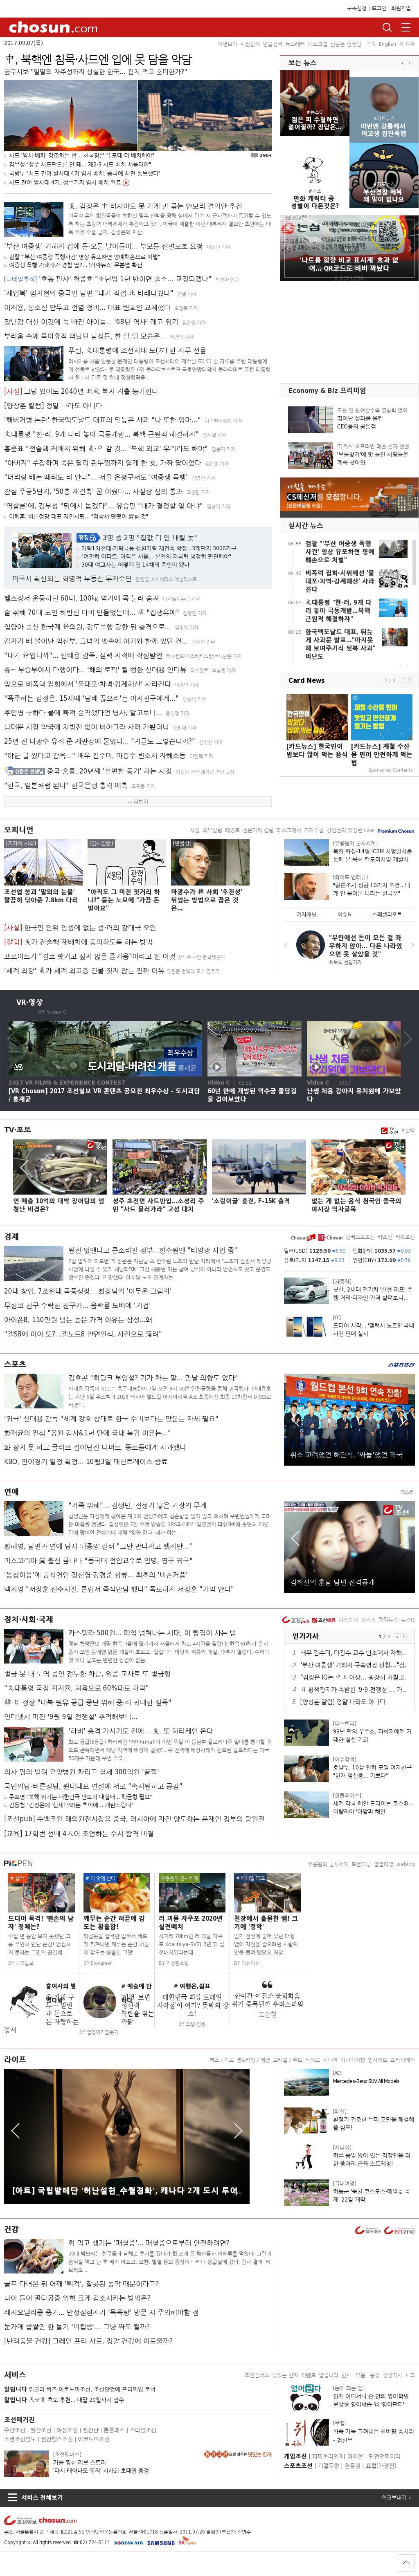 chosun.com at Thursday Sept. 7, 2017, 7:02 a.m. UTC